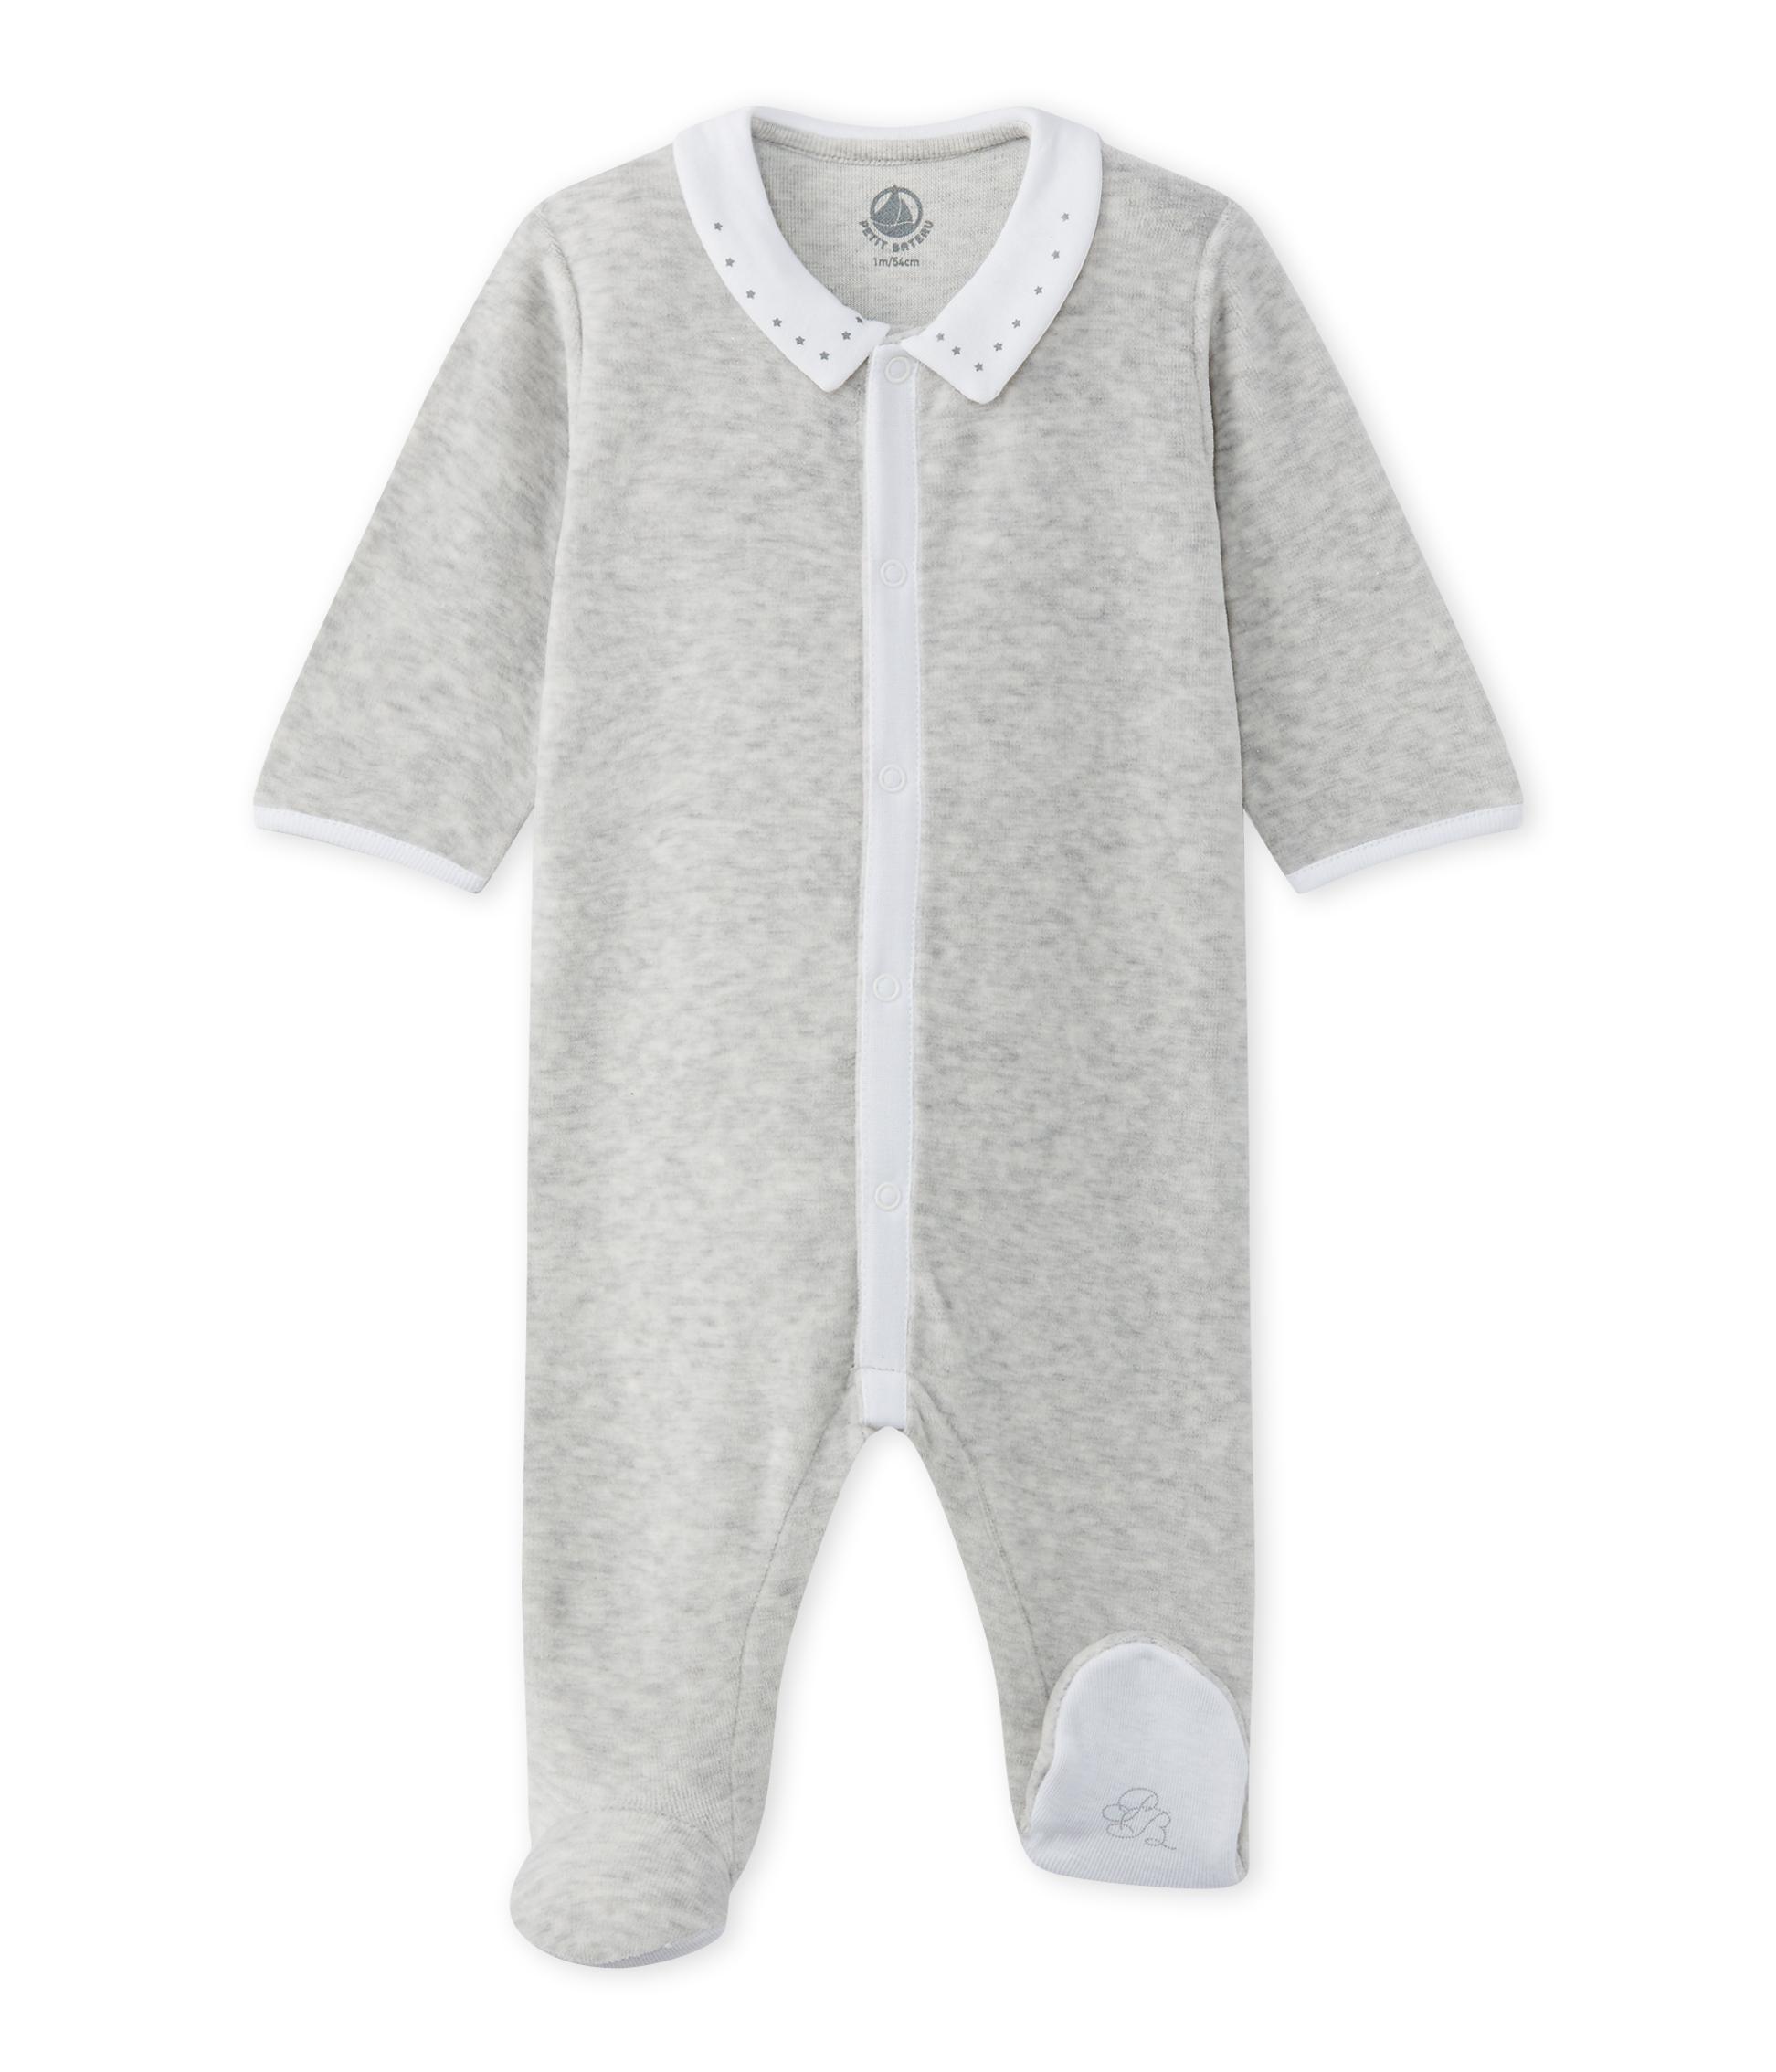 ac0832f04 Baby's unisex velour sleepsuit